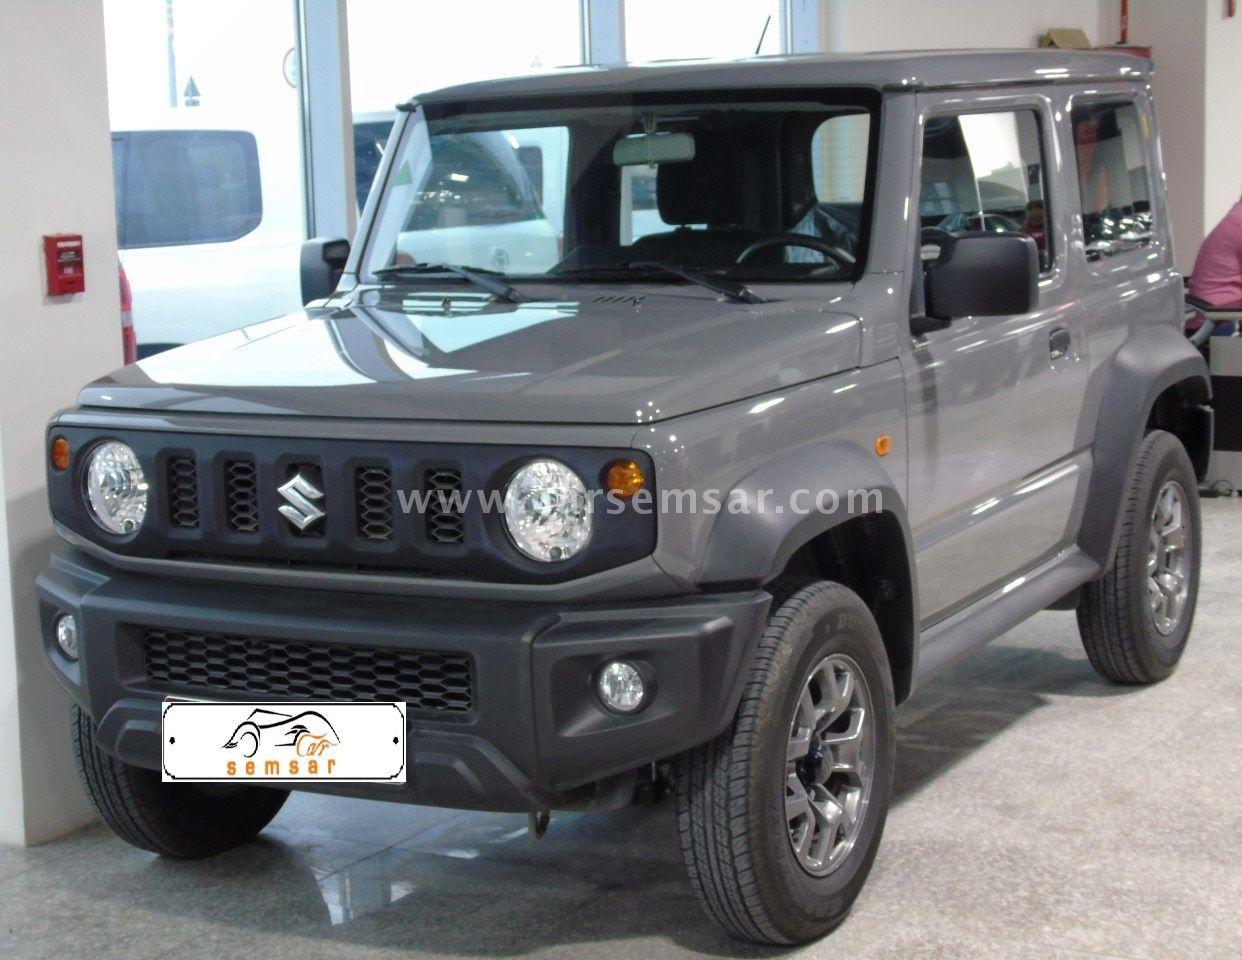 2020 سوزوكي جيمني 1 5 للبيع في قطر سيارات قطر للبيع على كار سمسار